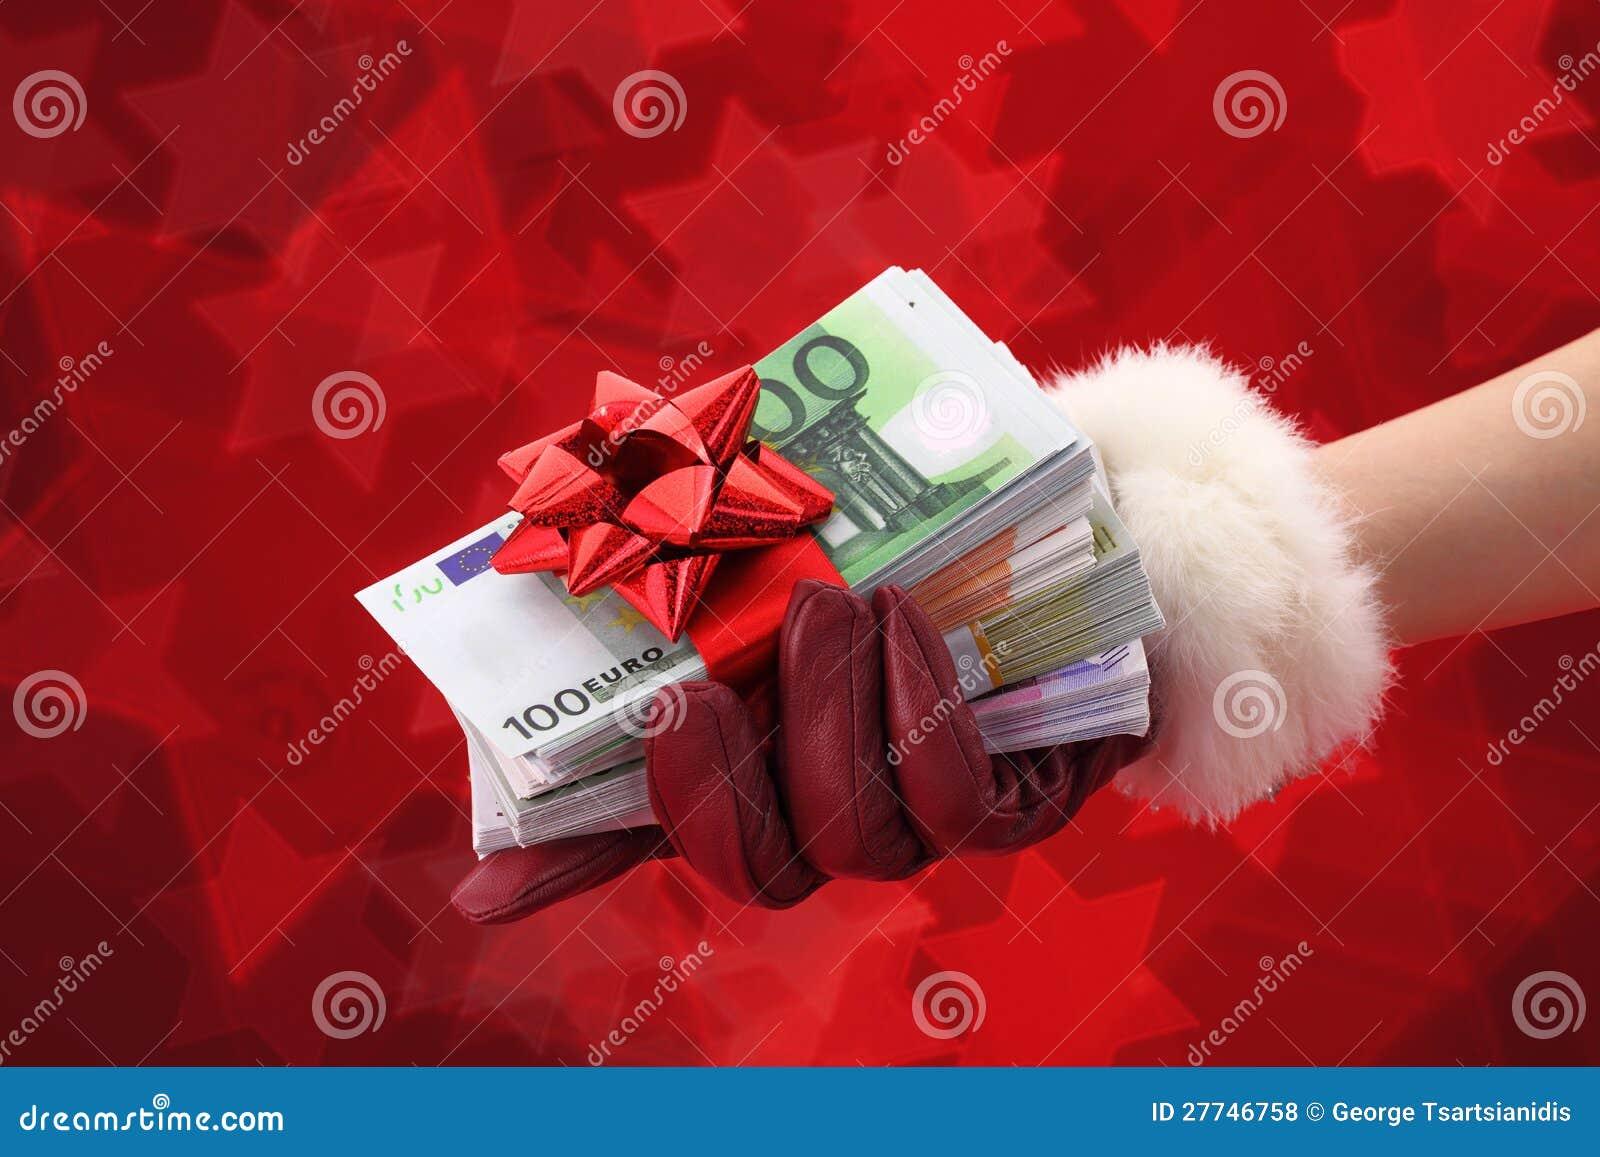 Заговор чтобы подарки мужчина дарил подарки 63